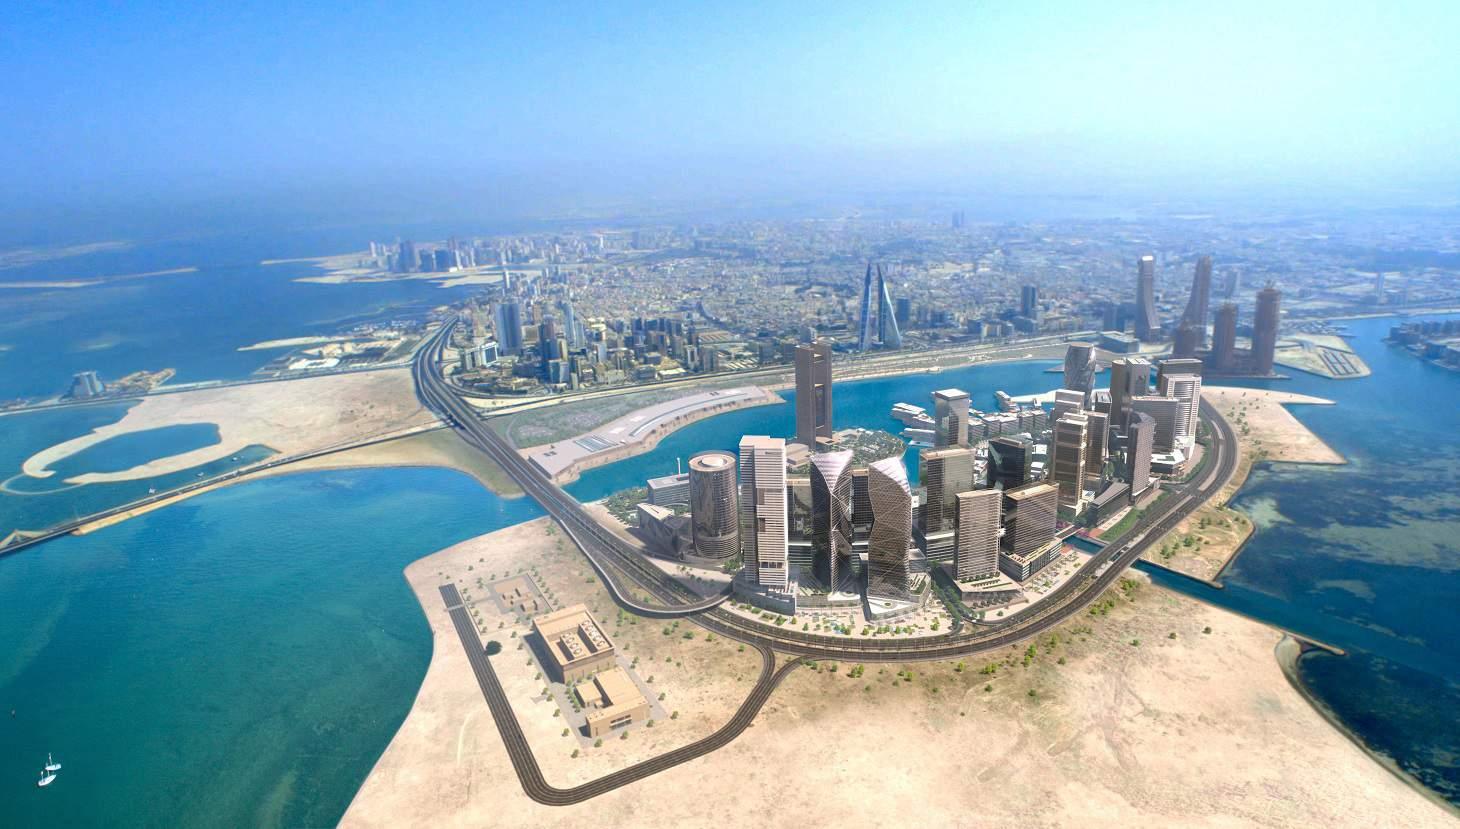 اهم الاماكن السياحية فى المنامه عاصمة البحرين السياحة فى المنامه عاصمة البحرين (8)